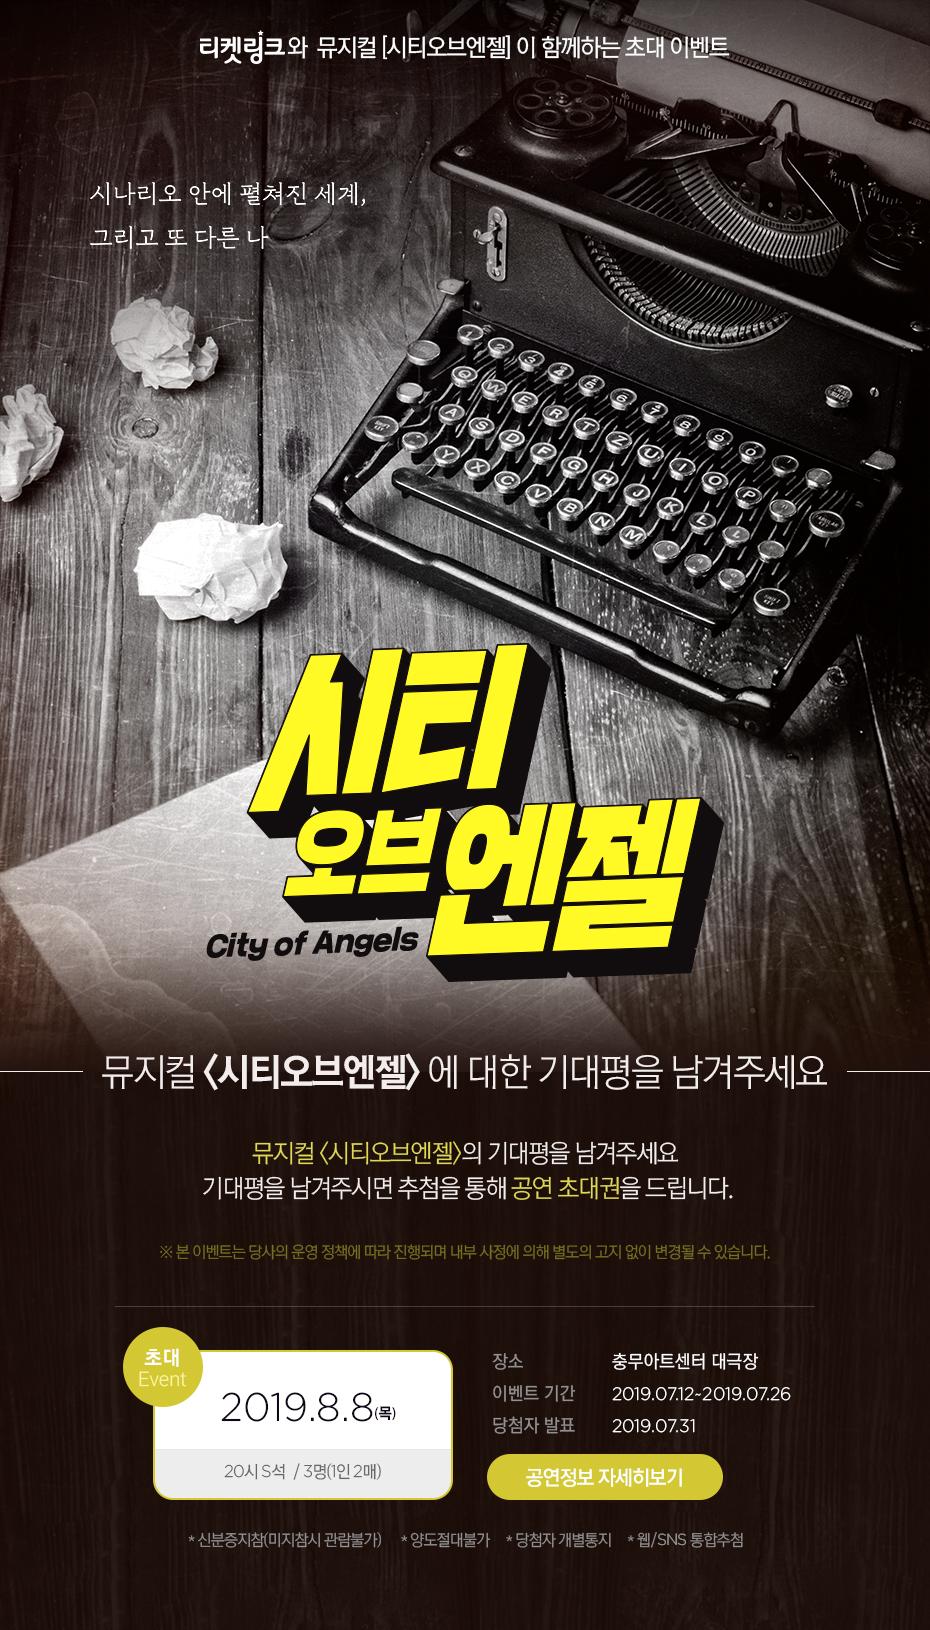 뮤지컬<시티오브엔젤>초대이벤트